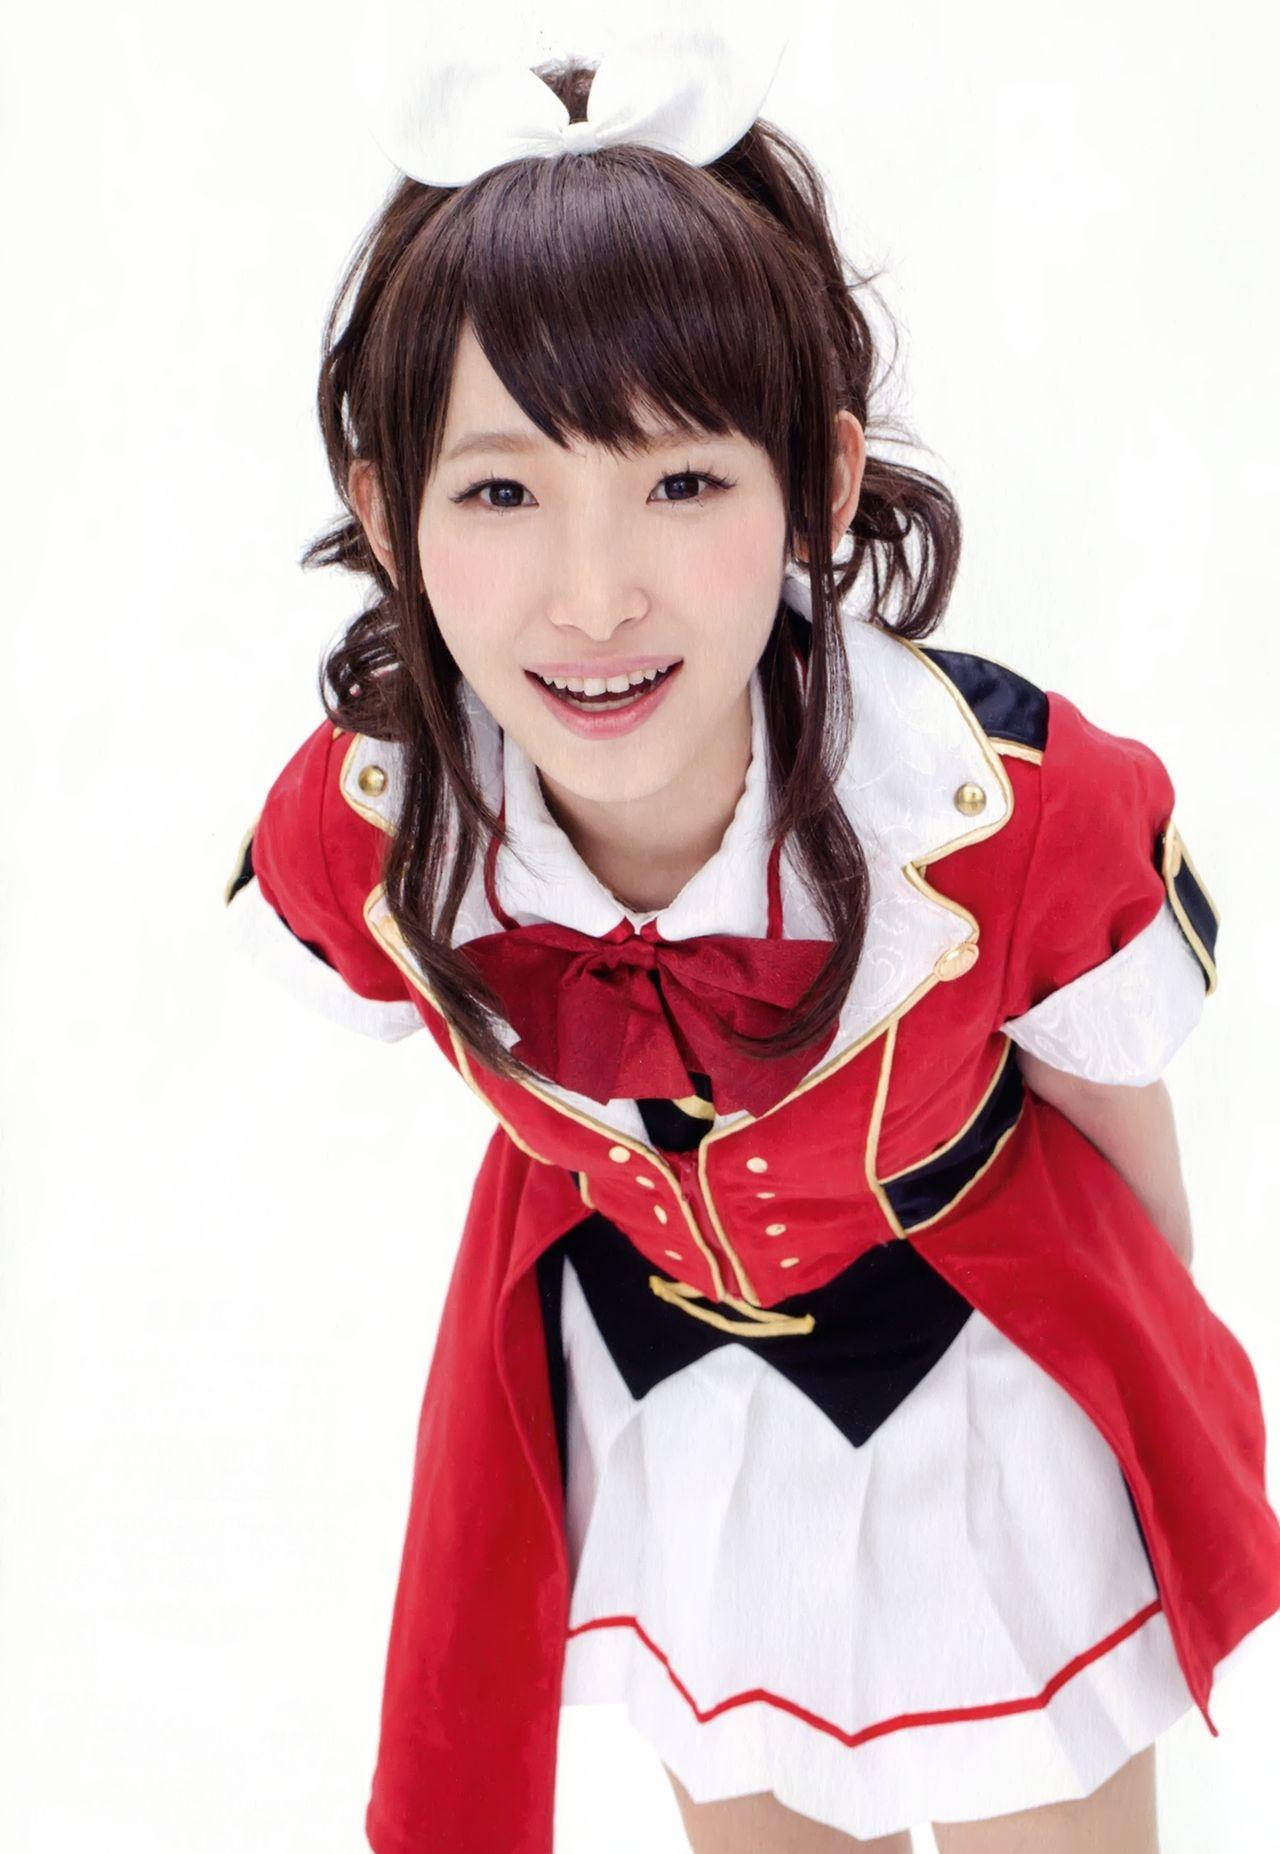 http://livedoor.blogimg.jp/tekitou_matome-sss/imgs/d/a/daa8cef1.jpg